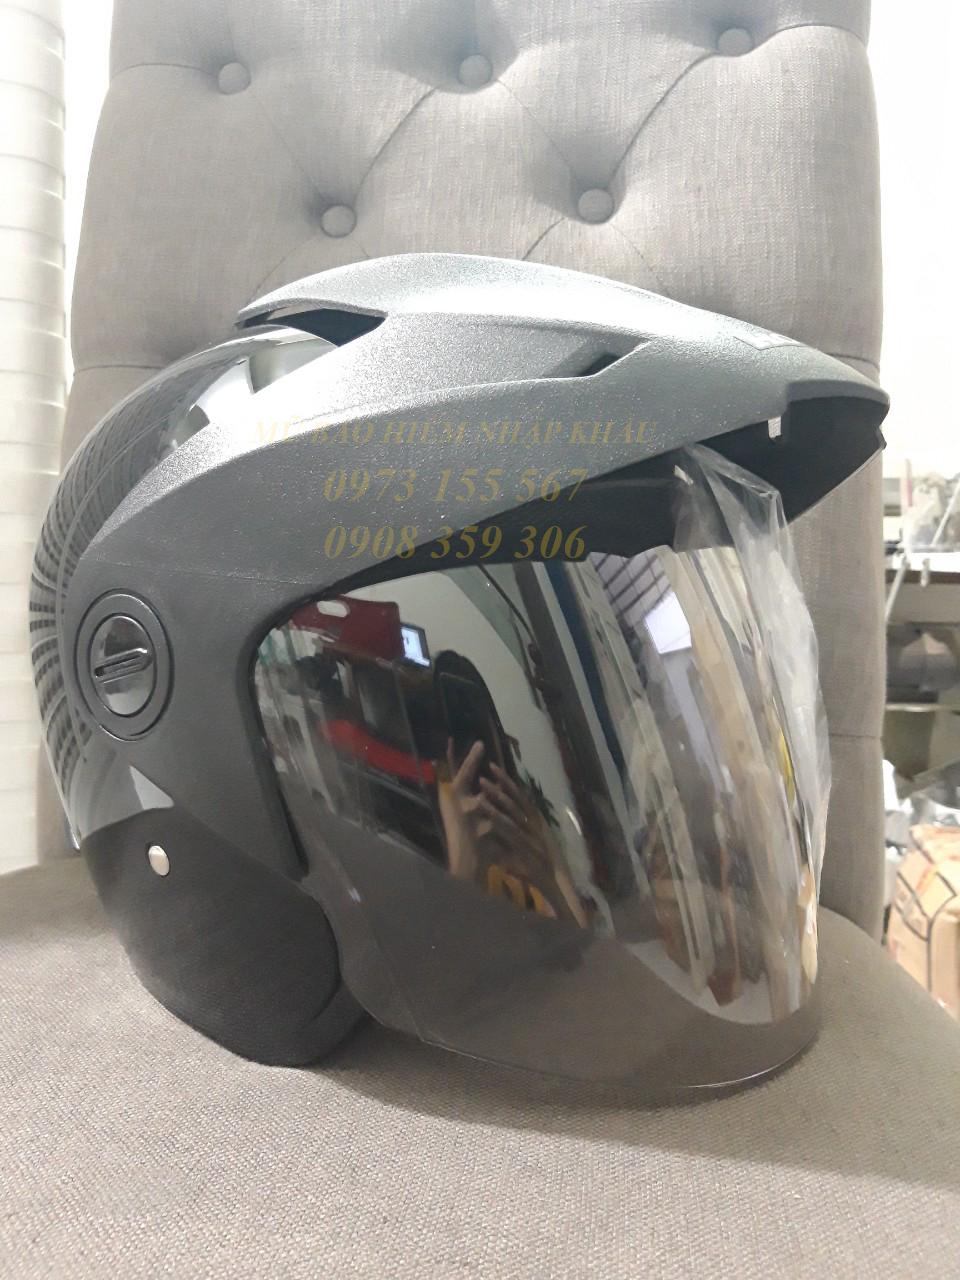 Mũ bảo hiểm HONDA 3/4 trầy xước do vận chuyển